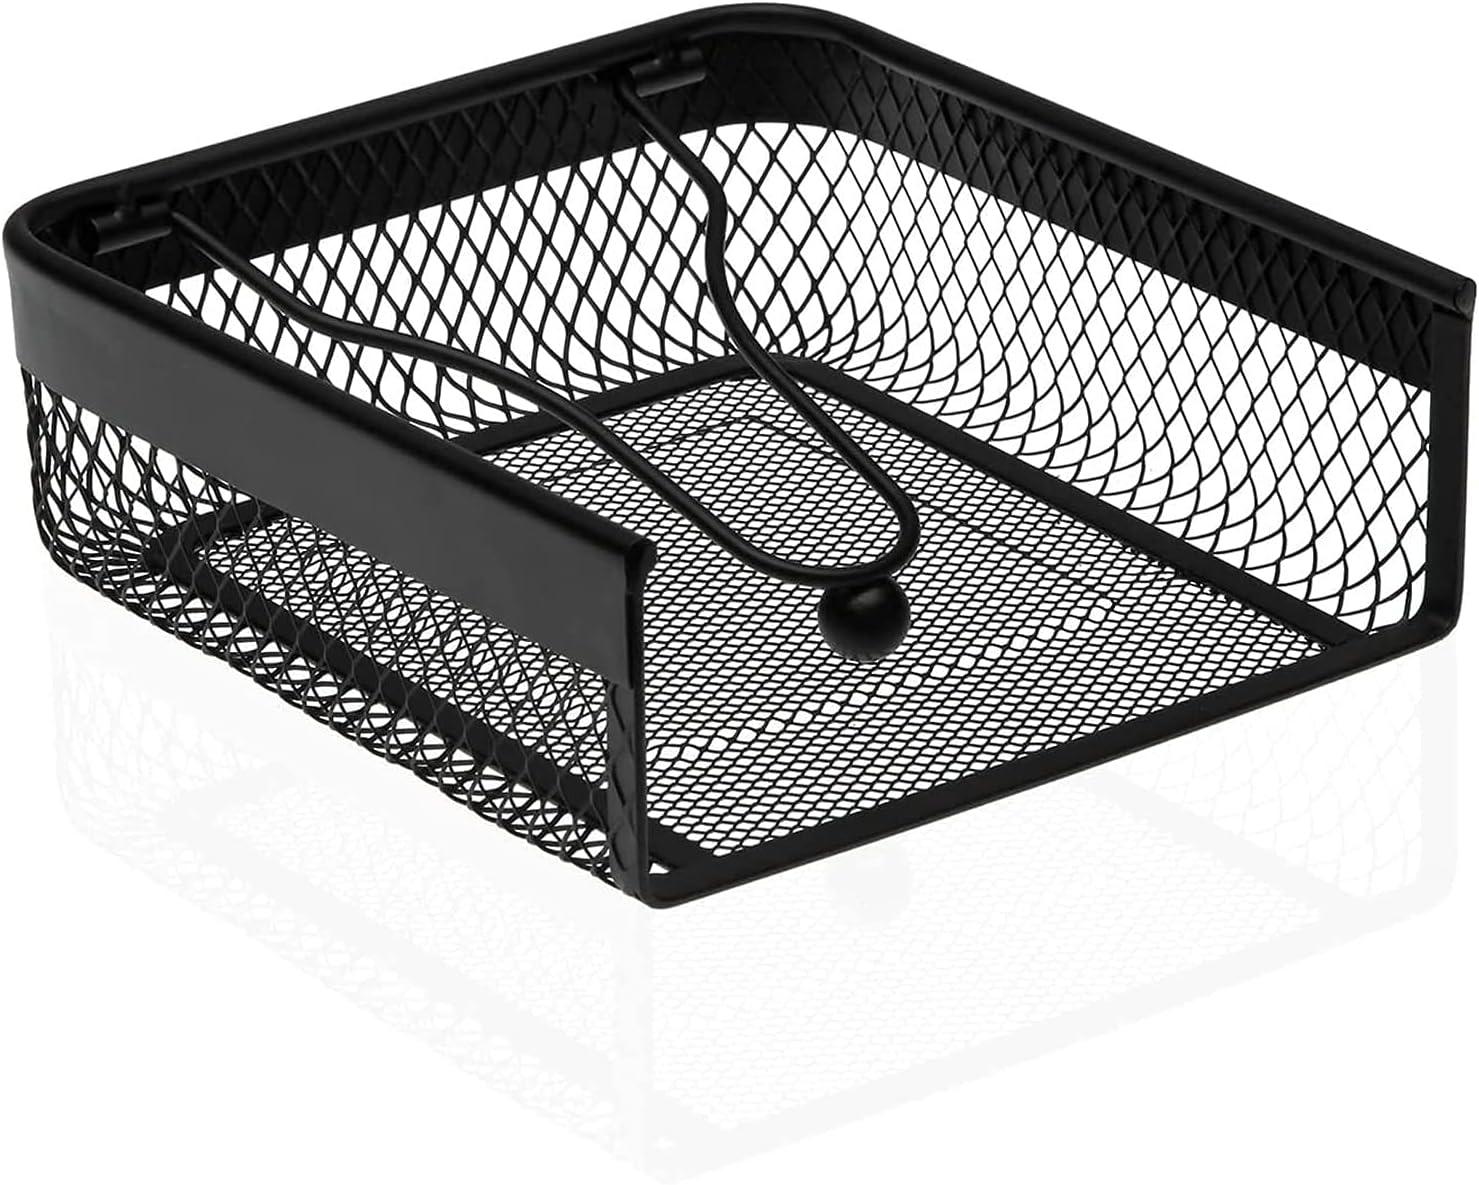 MGE - Servilletero Cuadrado con Peso - Portaservilletas de Metal - Soporte de Servilletas - Negro